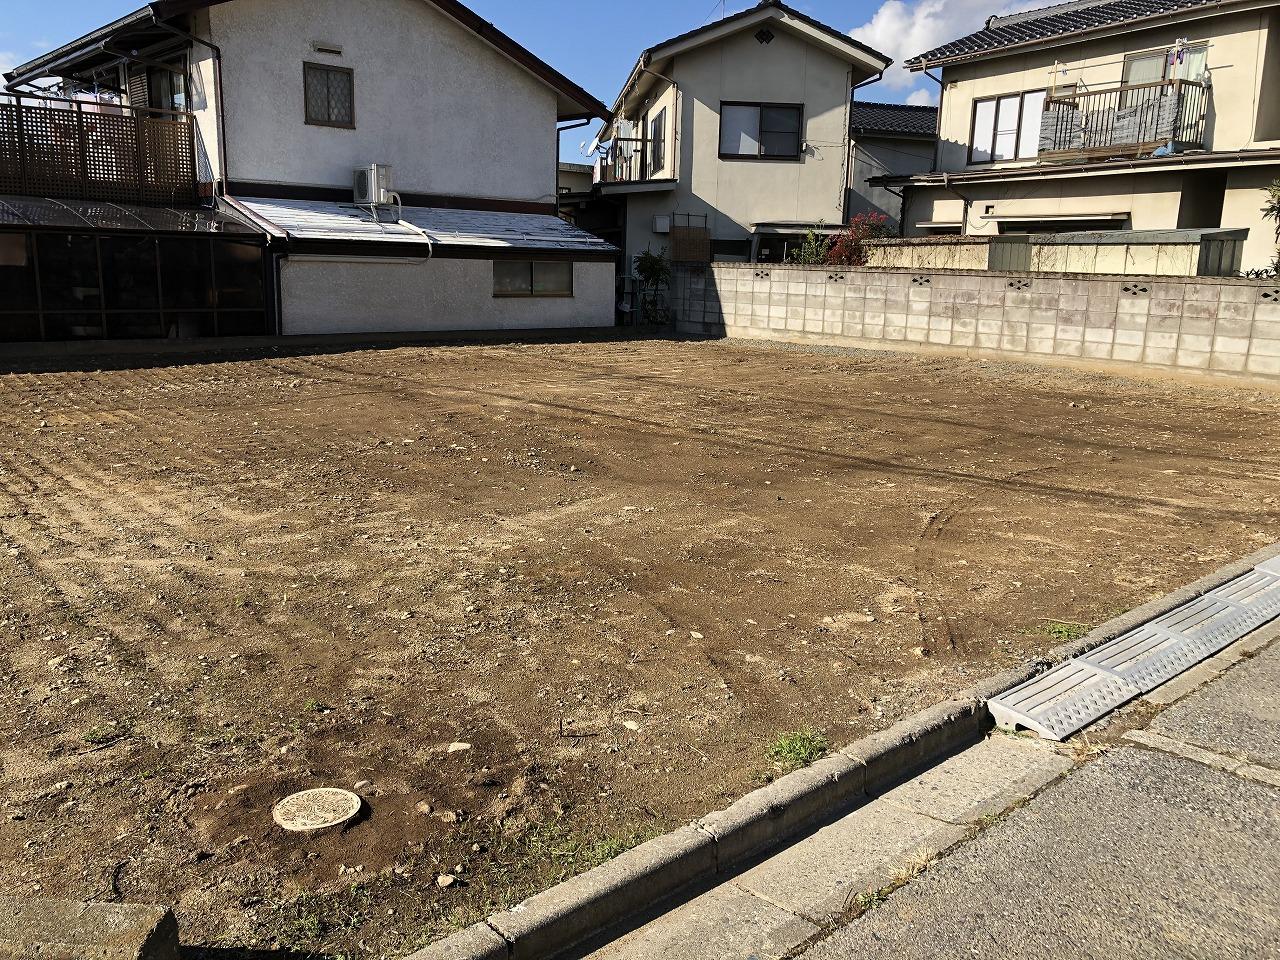 【長野県松本市】建物解体後、駐車場として利用